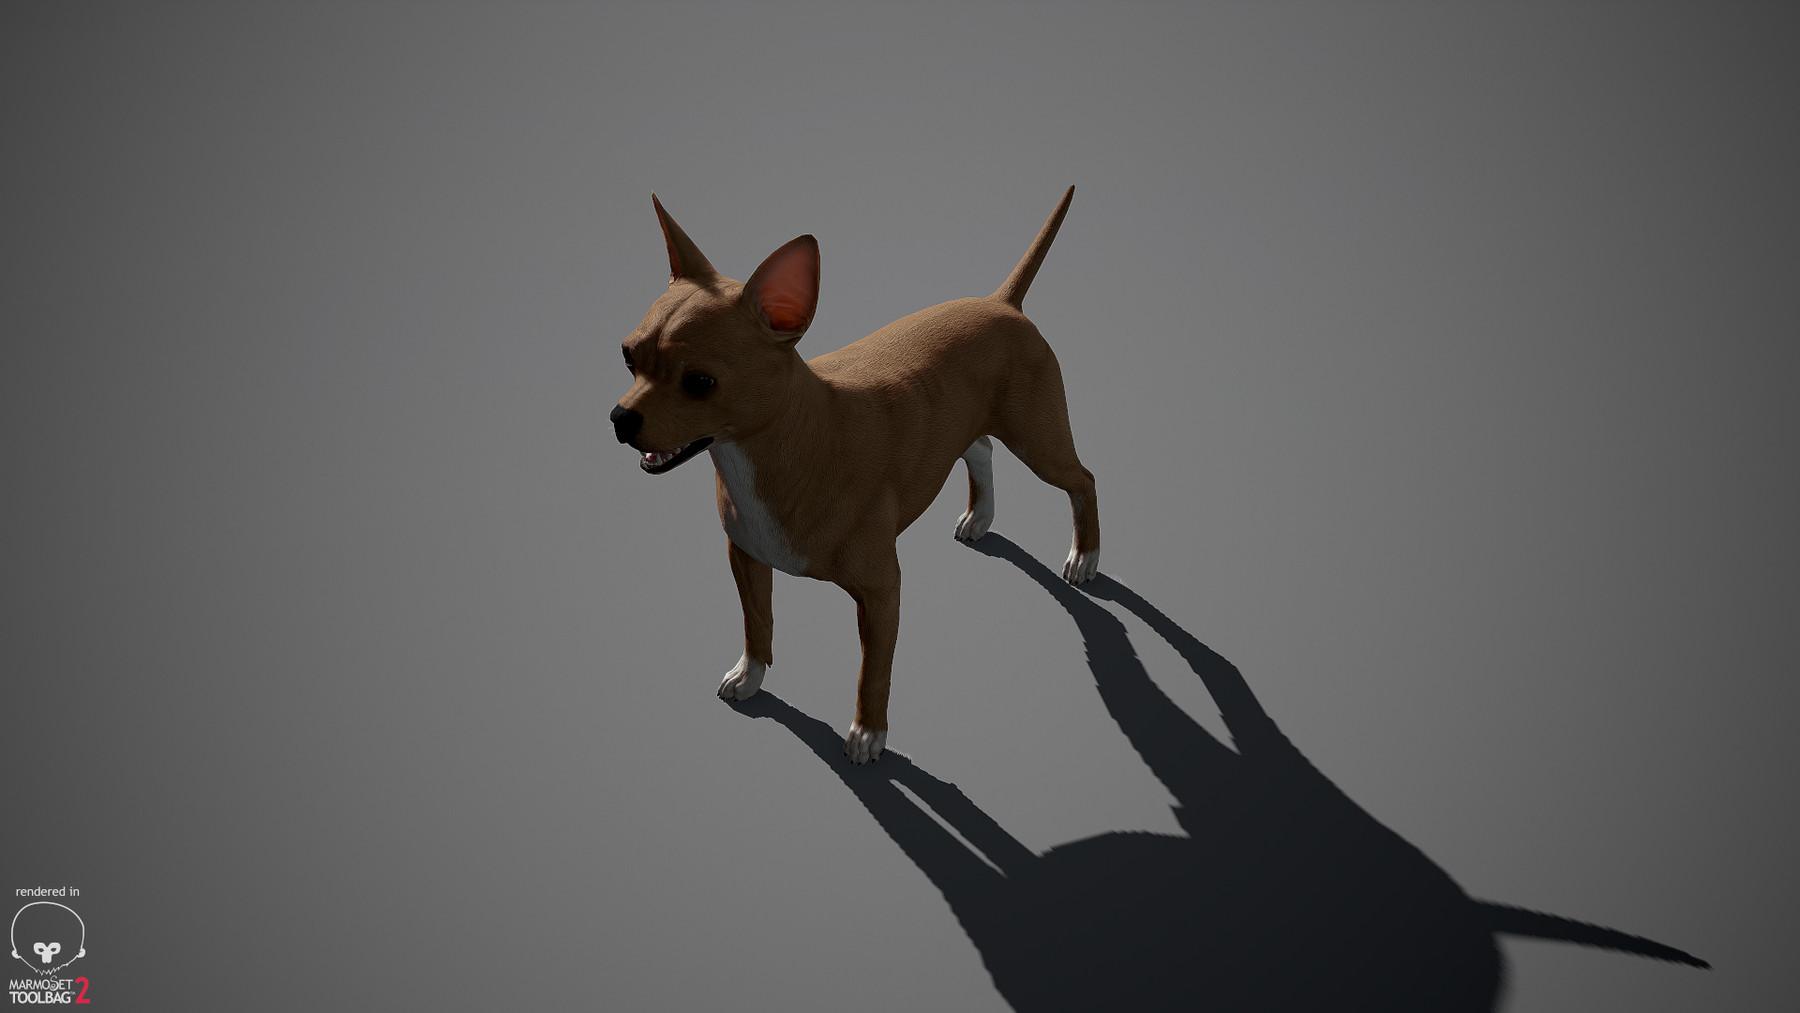 Chihuahua by alexlashko marmoset 20